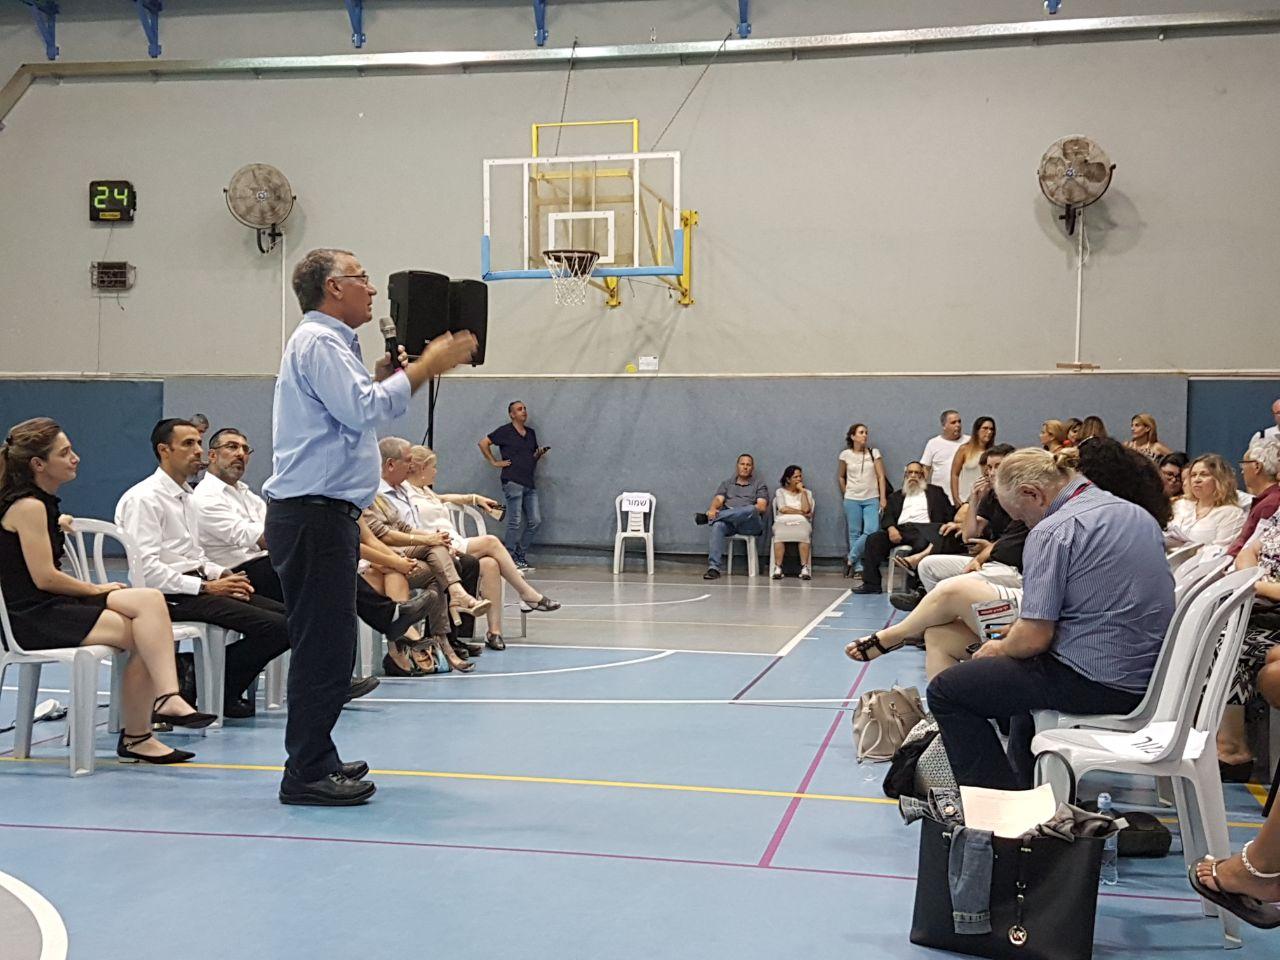 מפגש שיתוף הציבור ביד התשעה. צילום: דוברות עיריית הרצליה